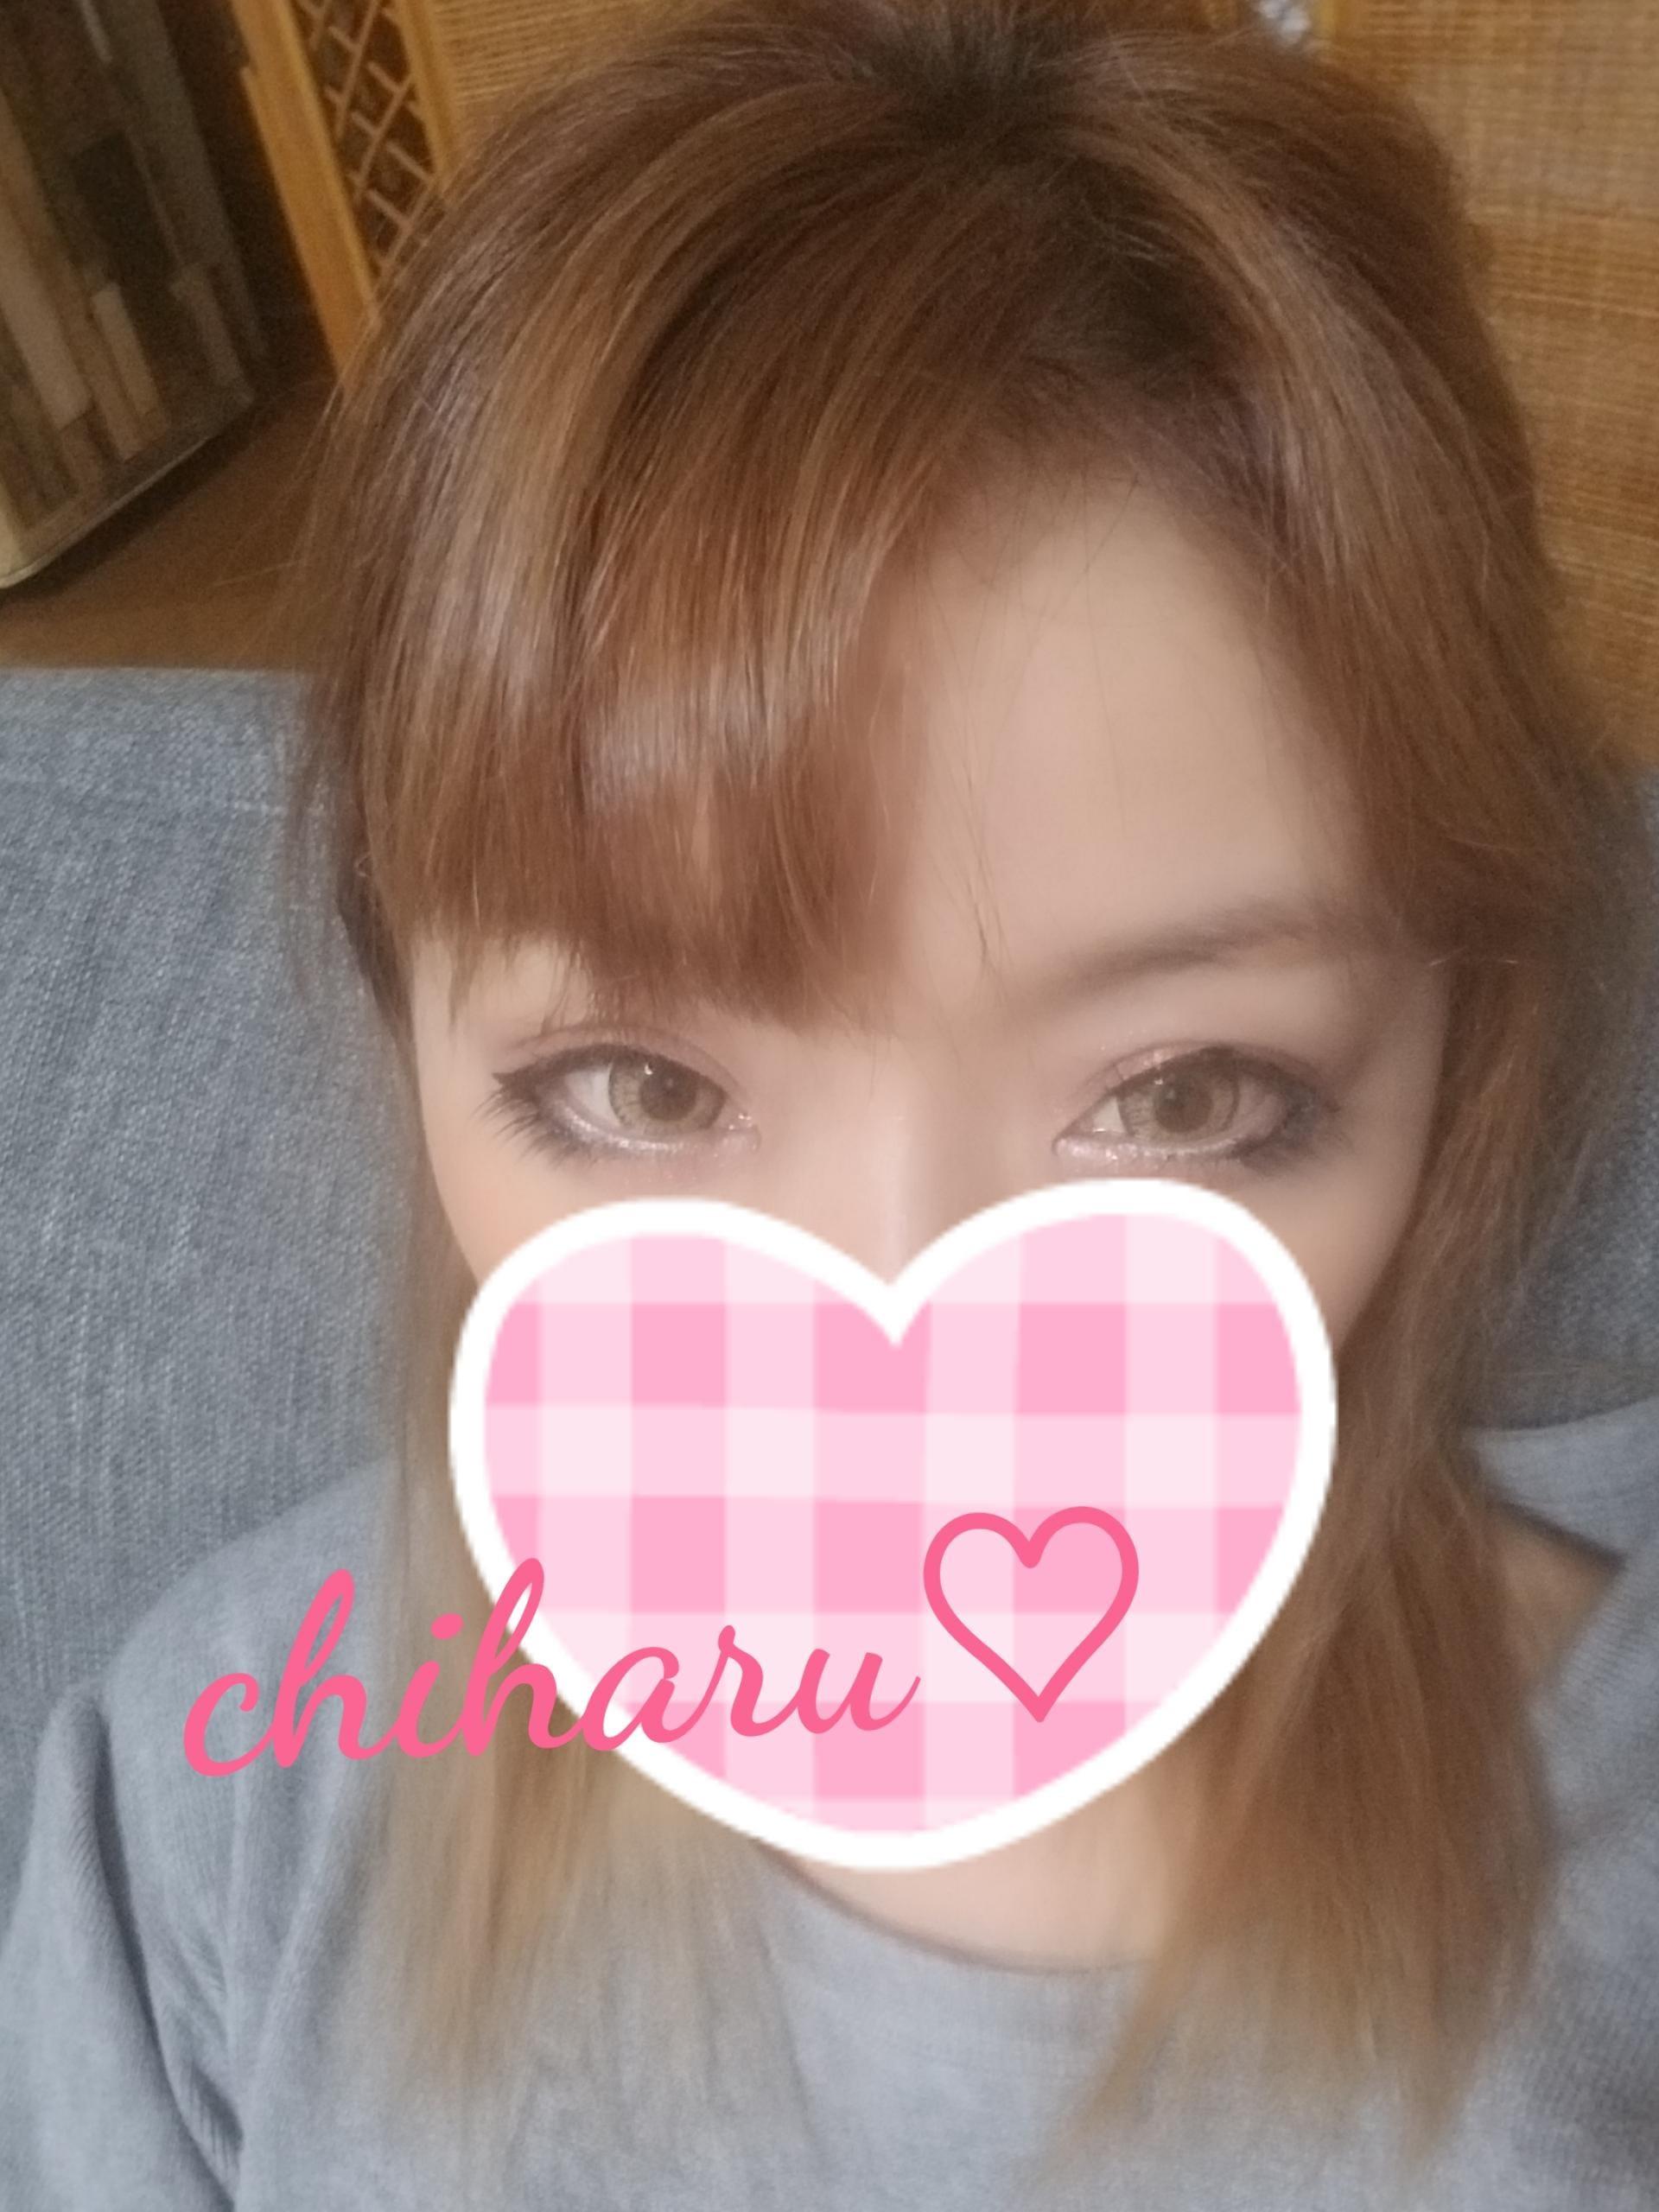 ☆ちはる☆「お久しぶりです!」09/18(火) 19:59   ☆ちはる☆の写メ・風俗動画